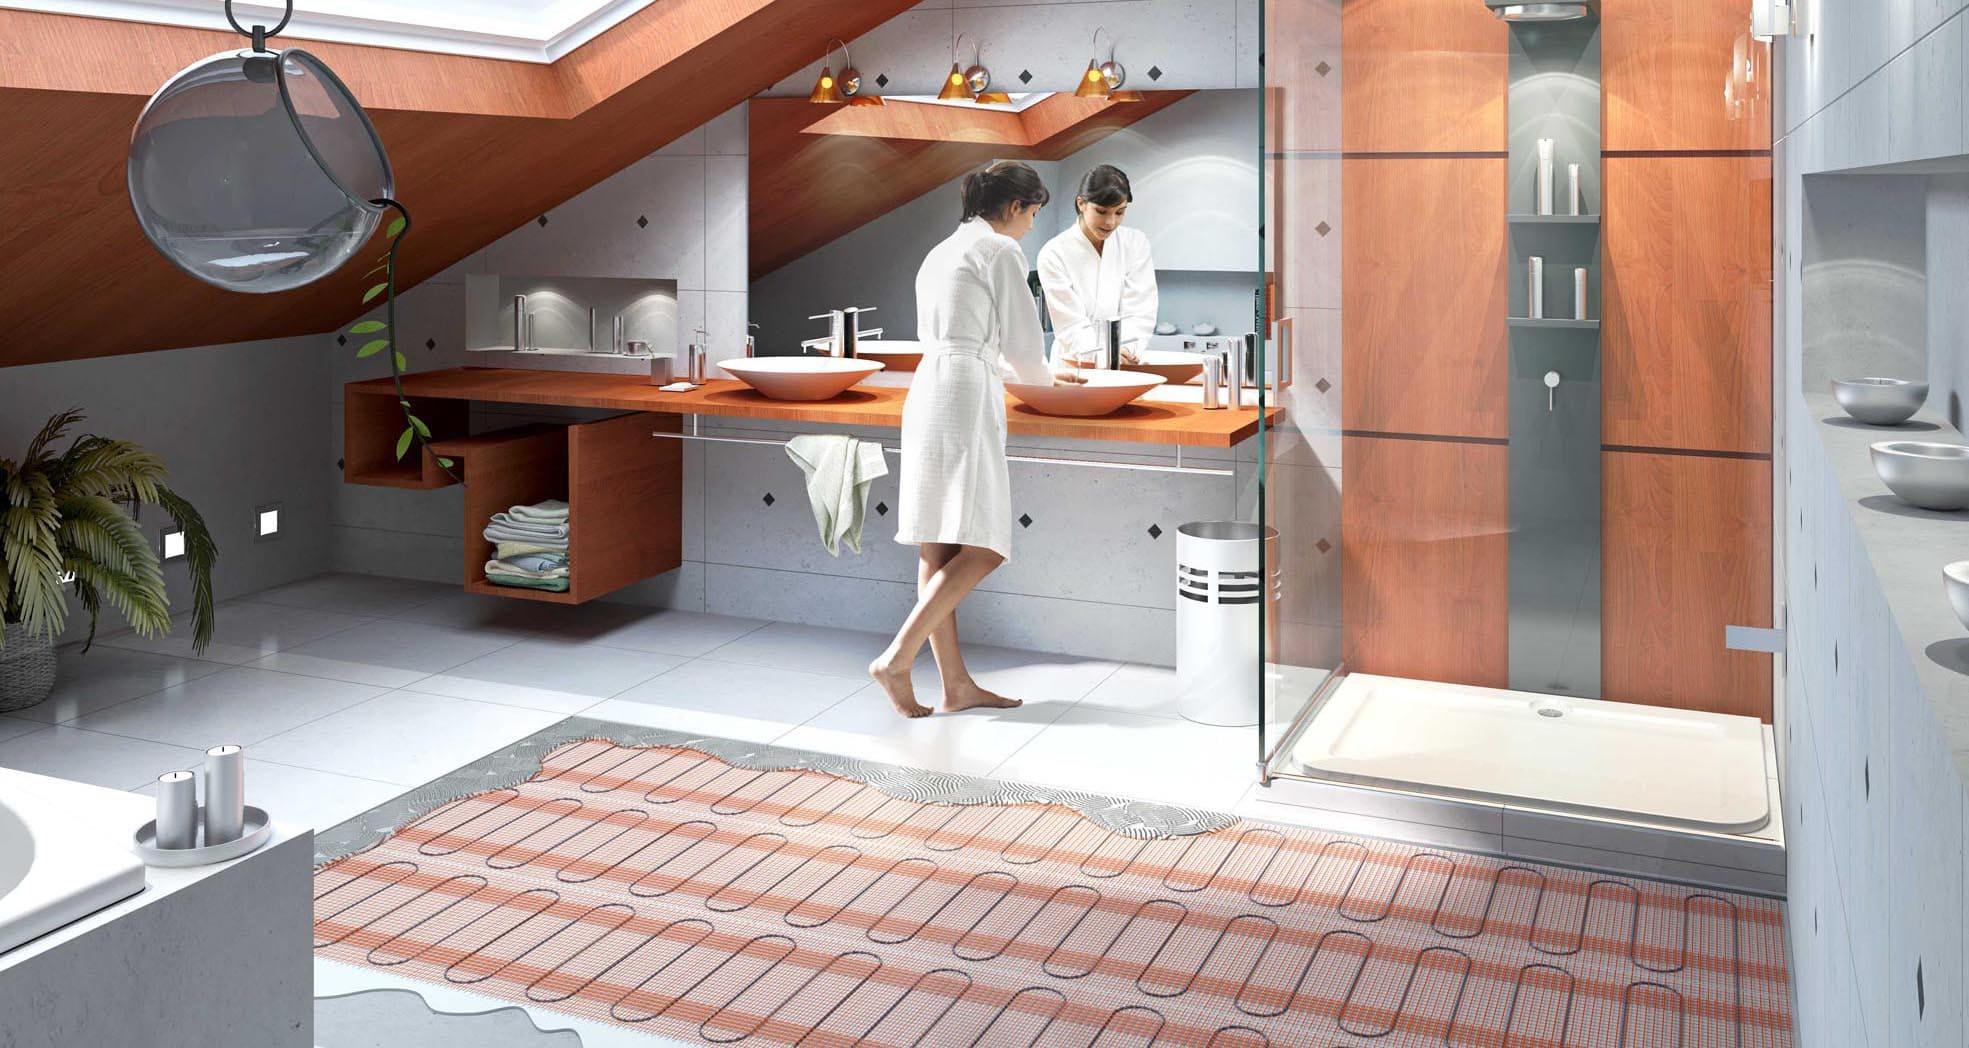 Види теплої підлоги та її переваги